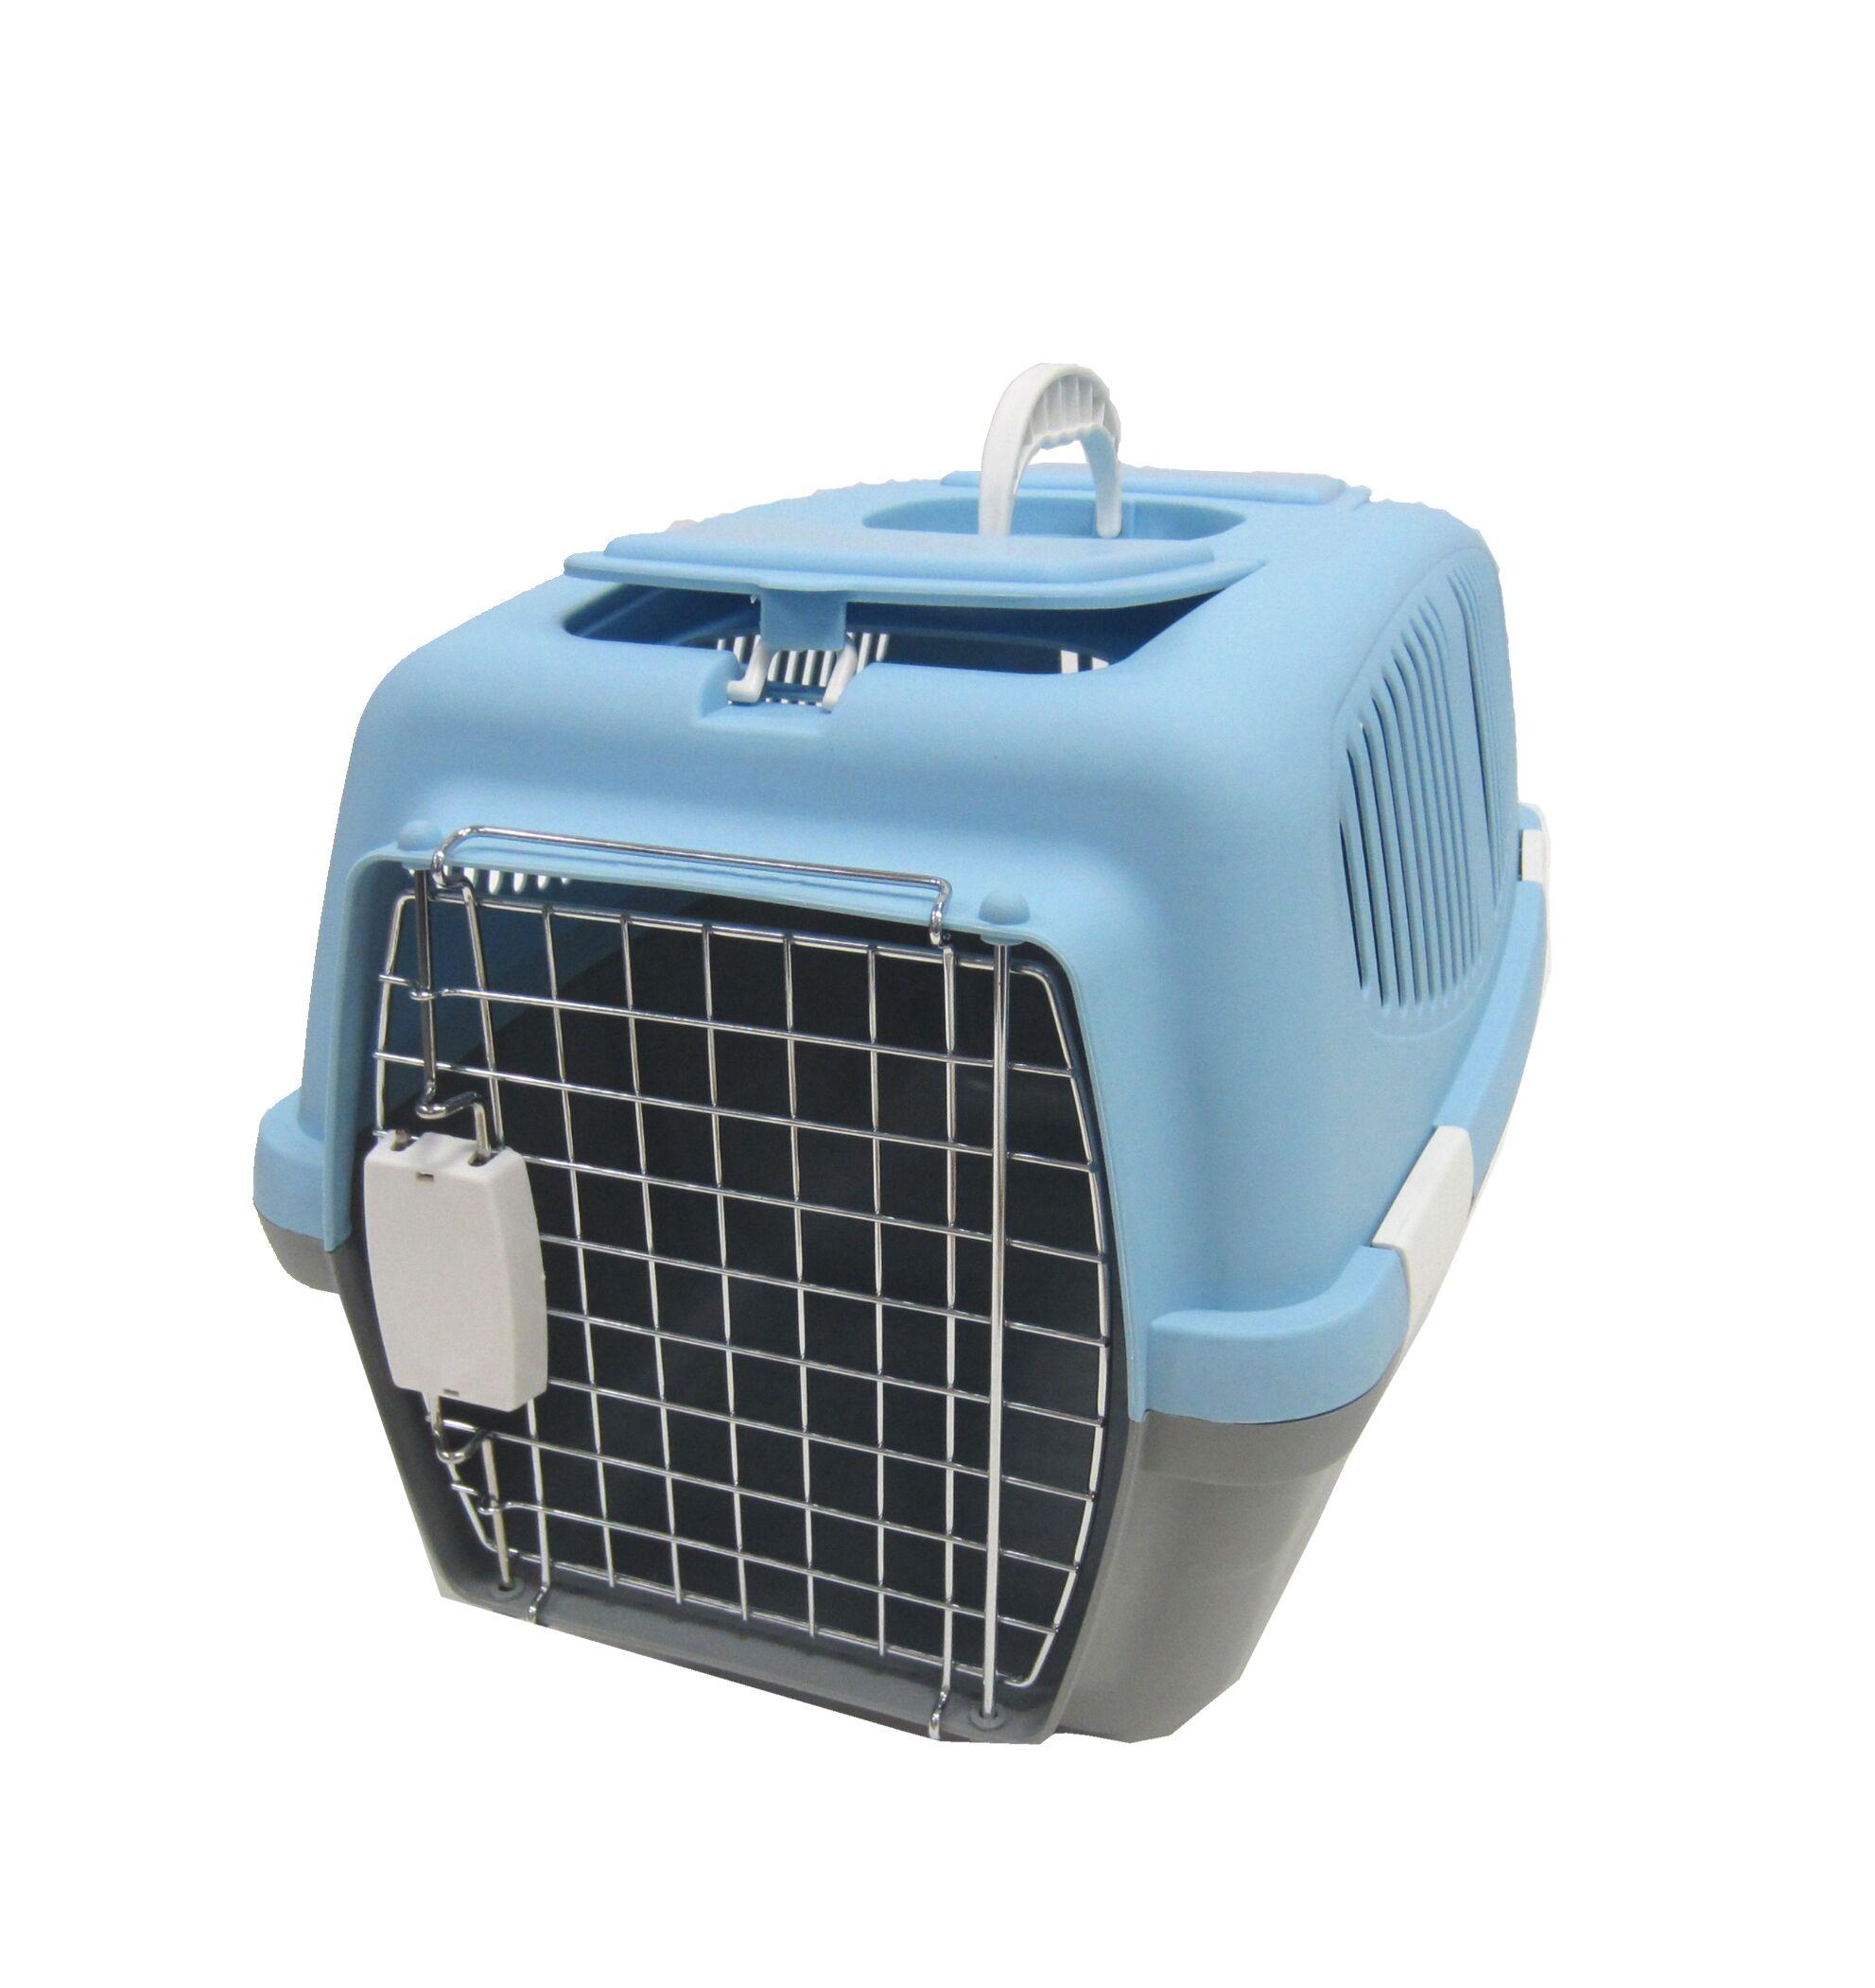 Plastic Pet Carrier Size: Large (14